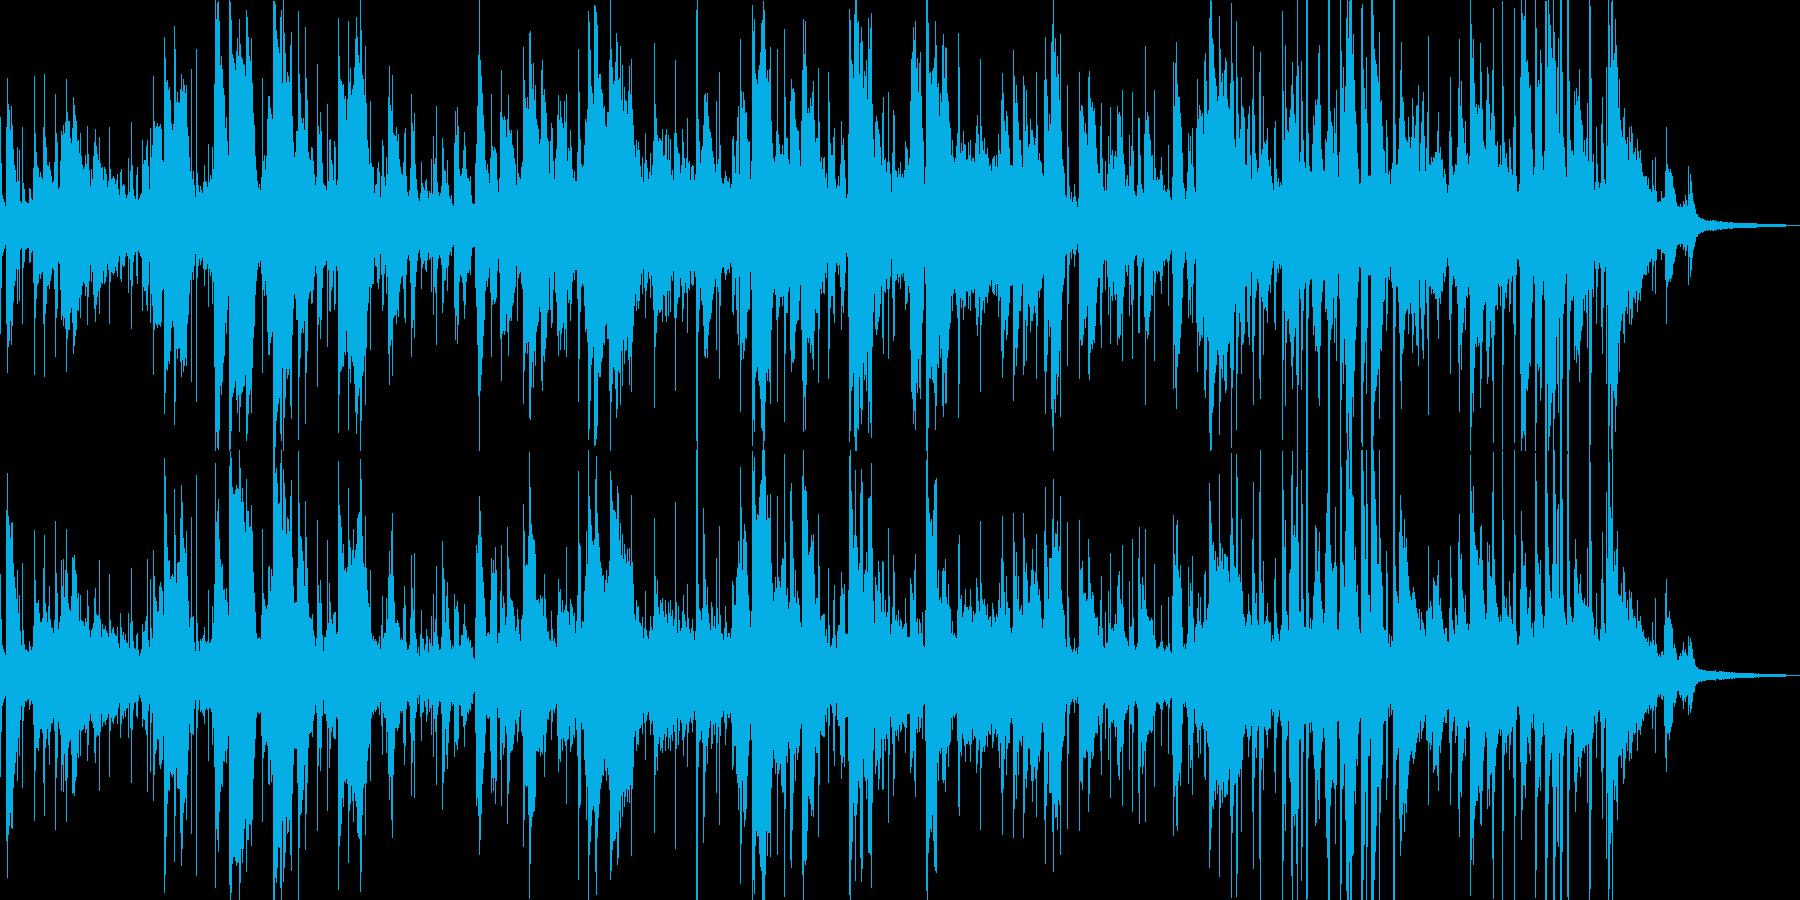 エヴァンスライクなリキッドジャズの再生済みの波形